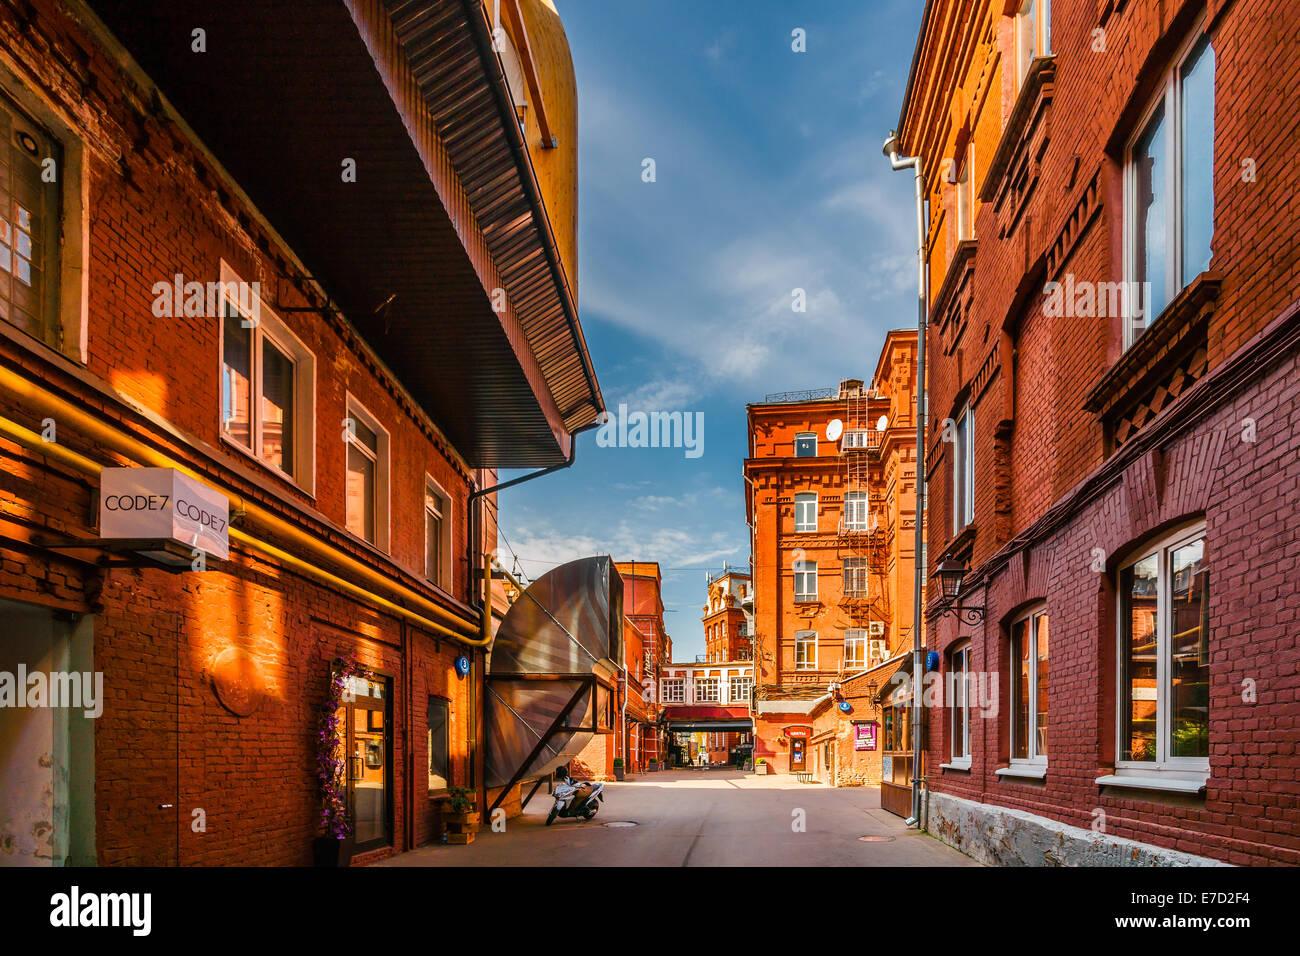 Moscú, Rusia. Sábado, 13 de septiembre de 2014. Street art festival Artside 2014 acaba de empezar en Moscú. Imagen De Stock